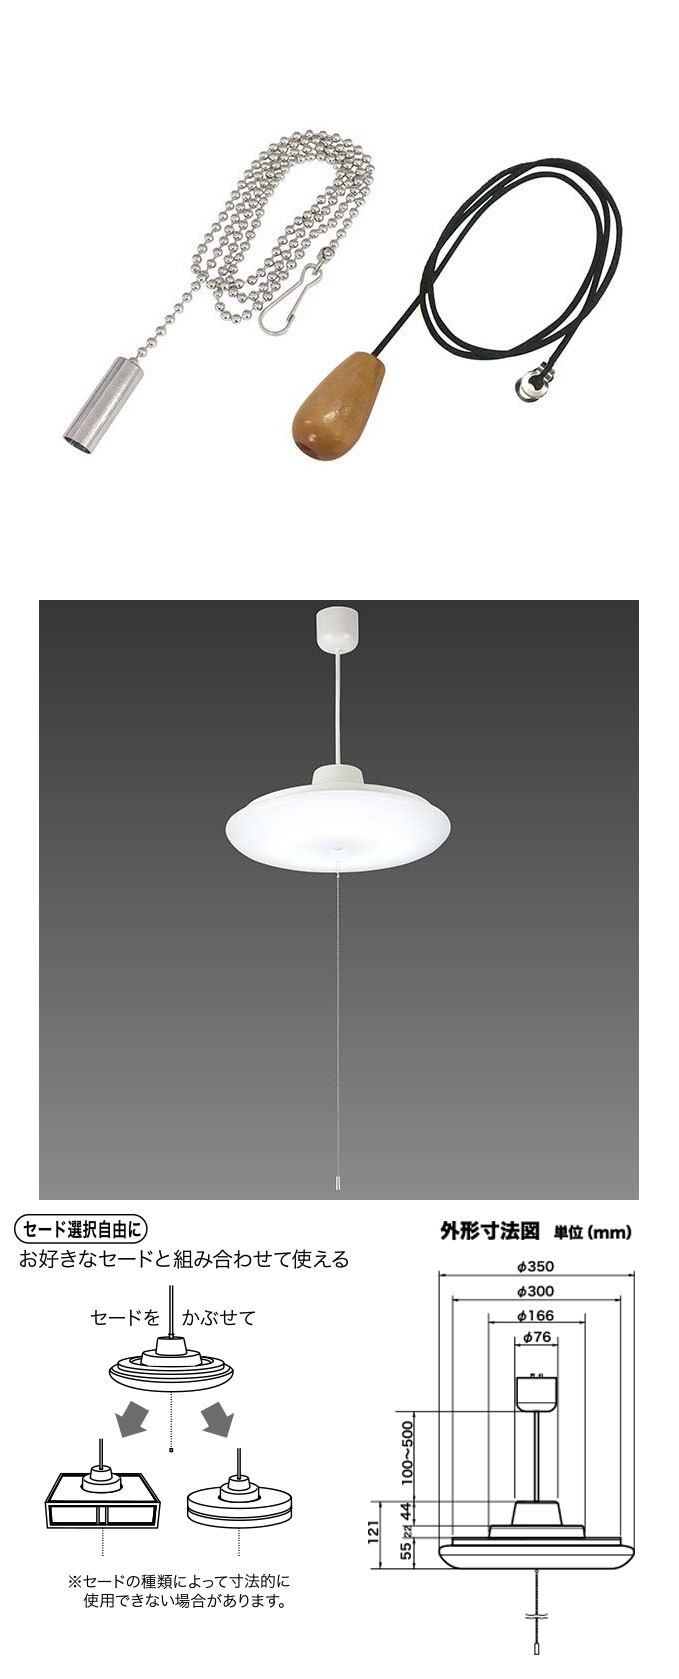 オーム電機 LEDペンダント光源ユニット(12畳用/昼光色) LT-Y40D6G-RP